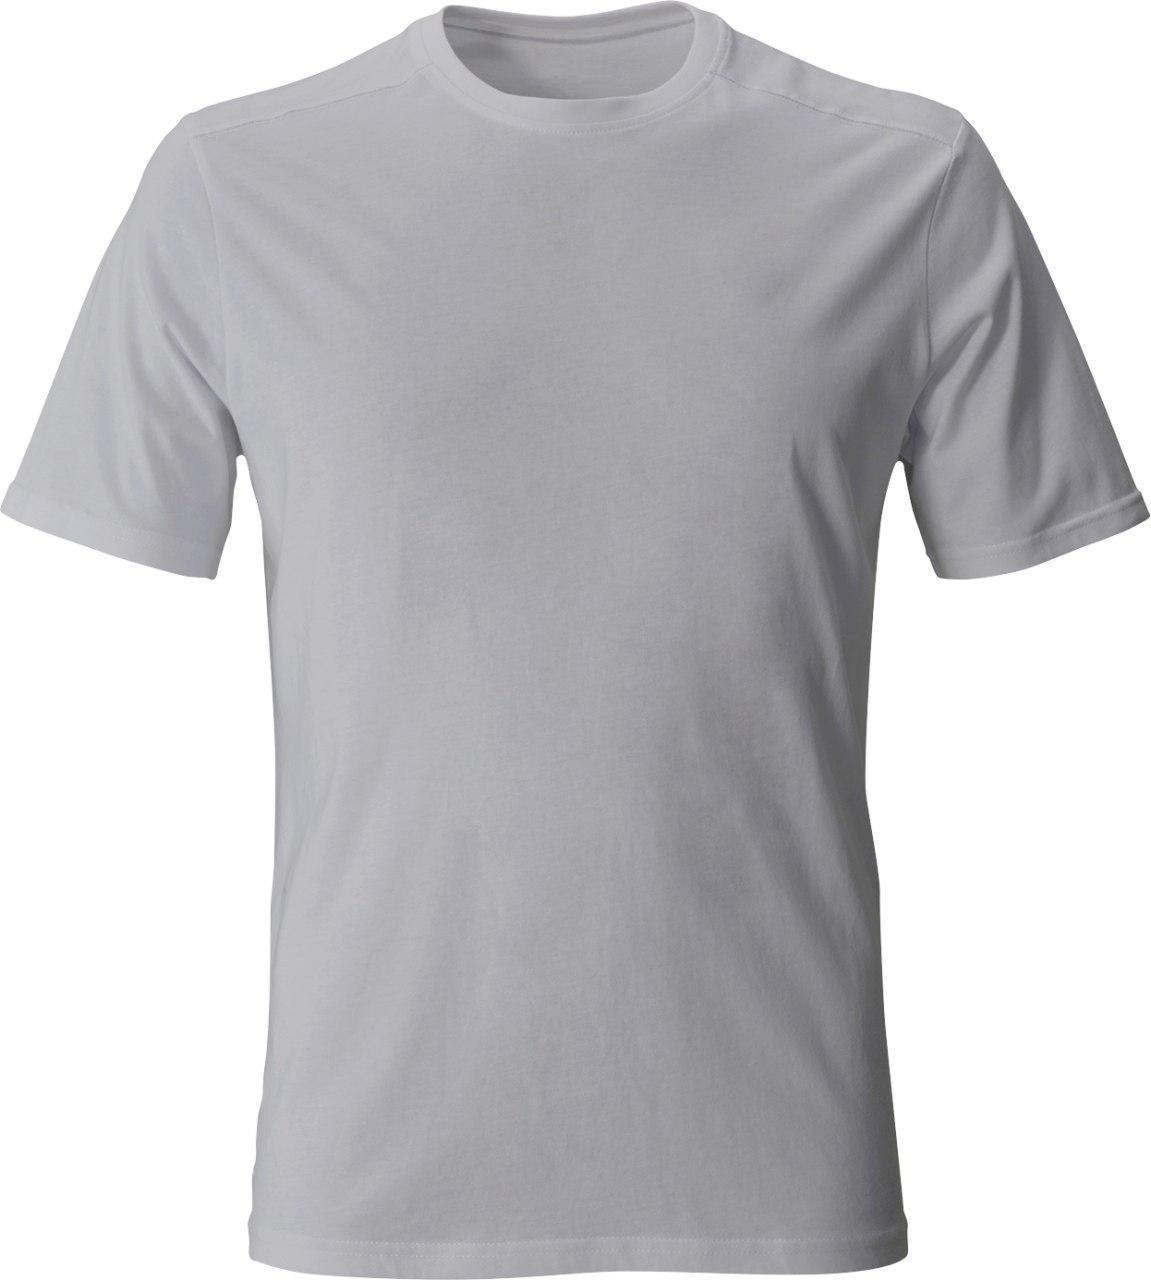 Чоловіча футболка для сублімації S колір світло-сірий